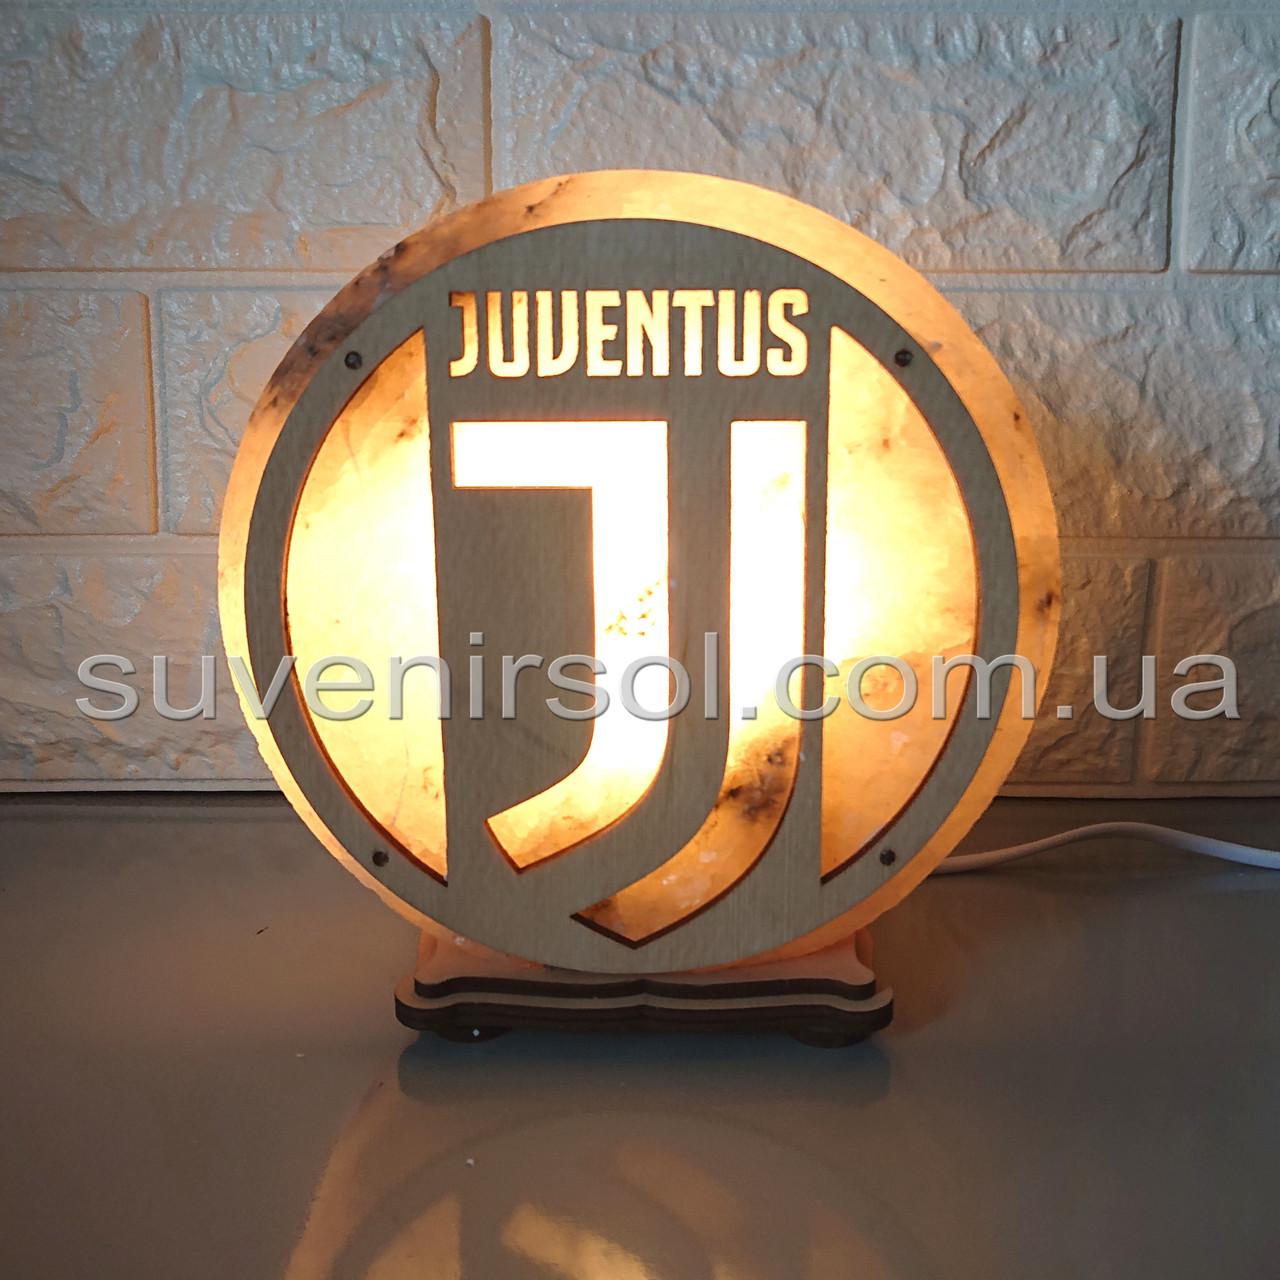 Соляной светильник круглый Ювентус